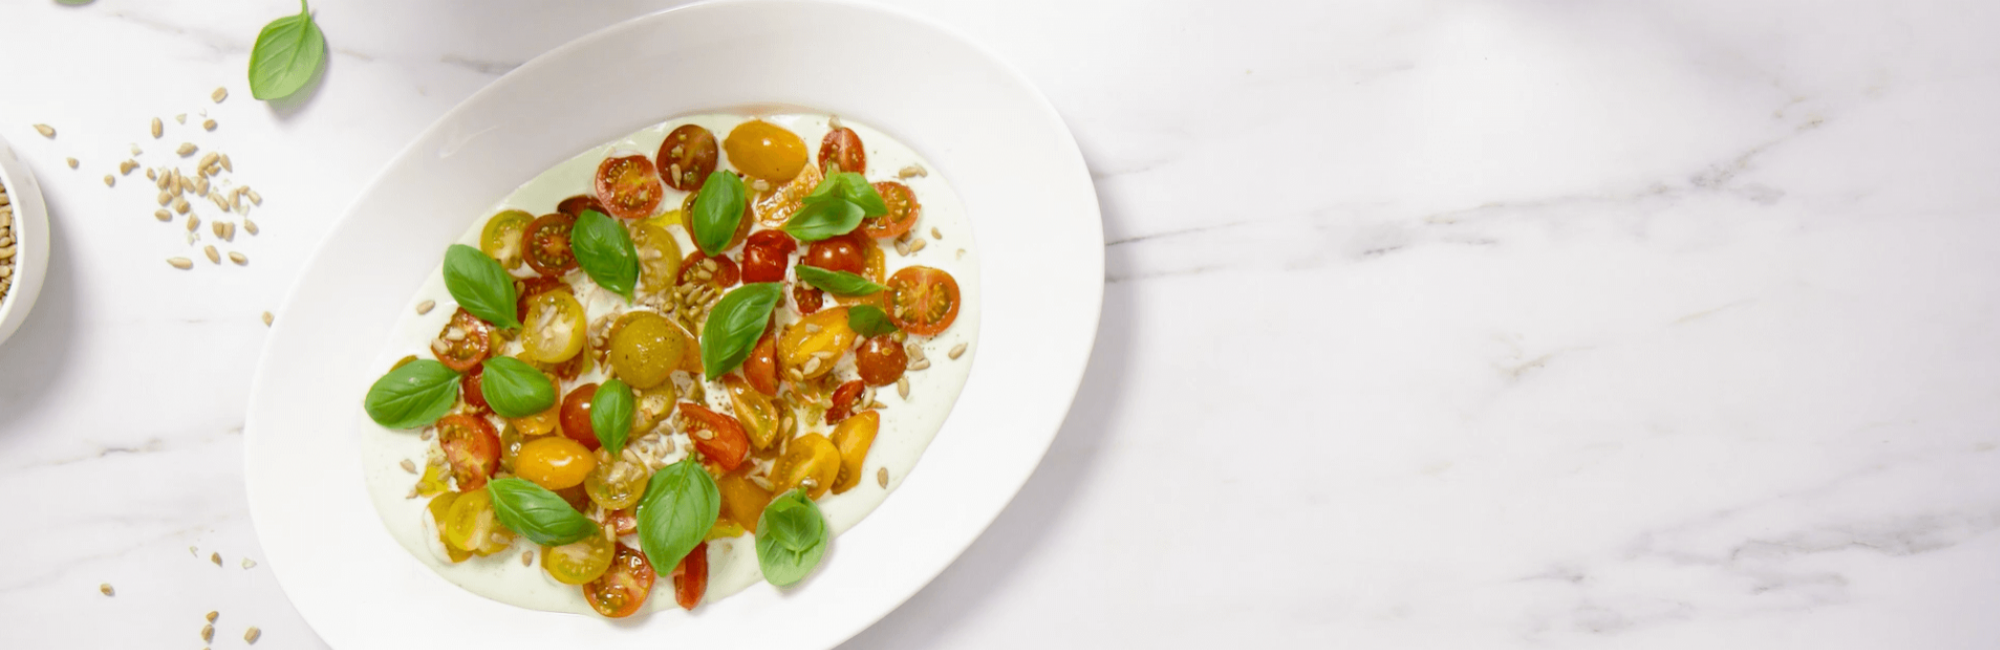 Salade, tomates, mozzarella, basilic